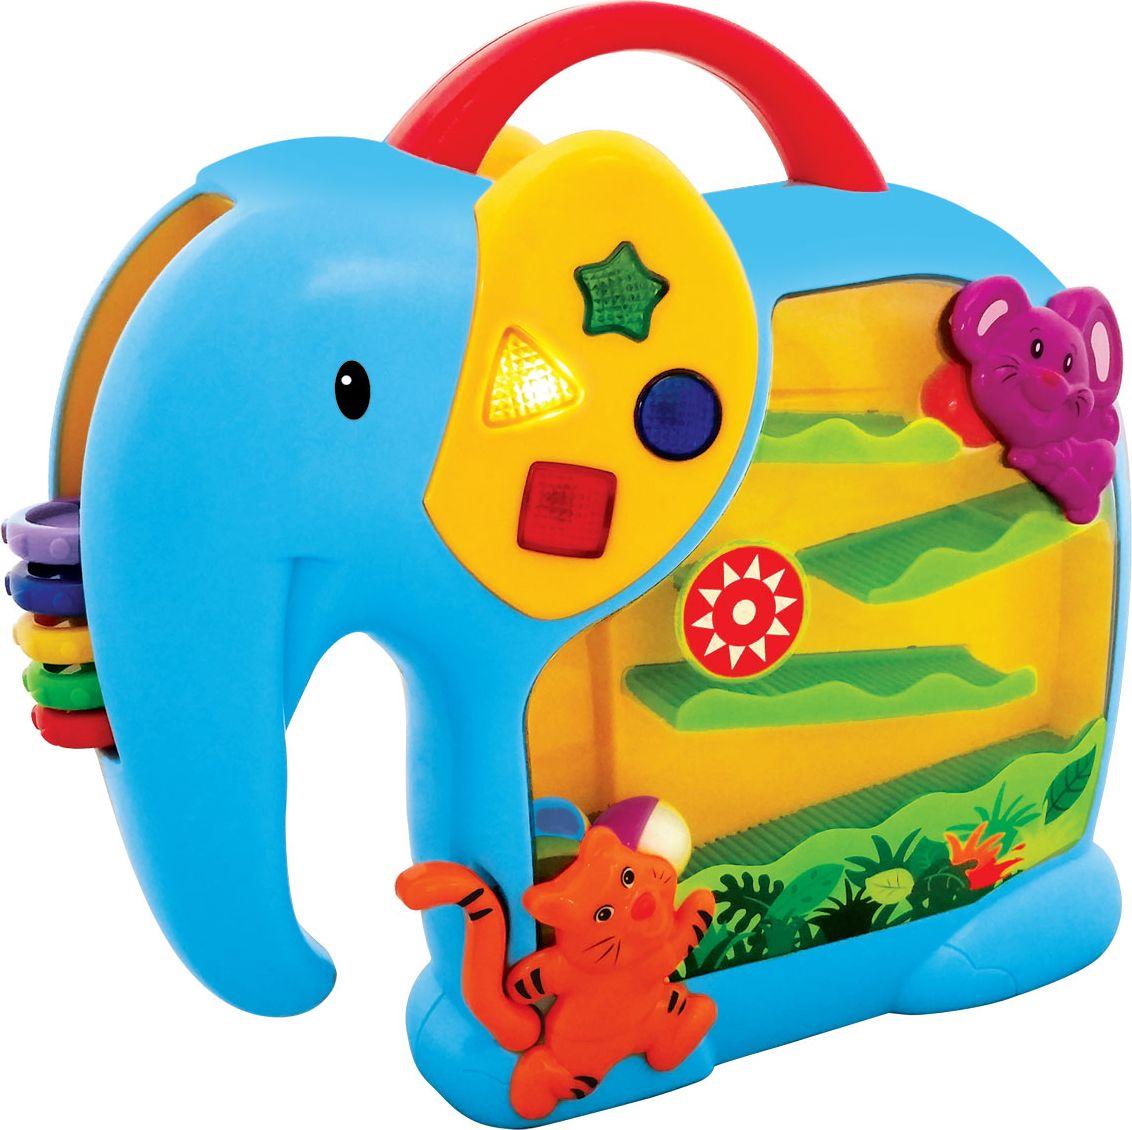 Kiddieland Развивающая игрушка Занимательный слон kiddieland развивающая игрушка забавная камера